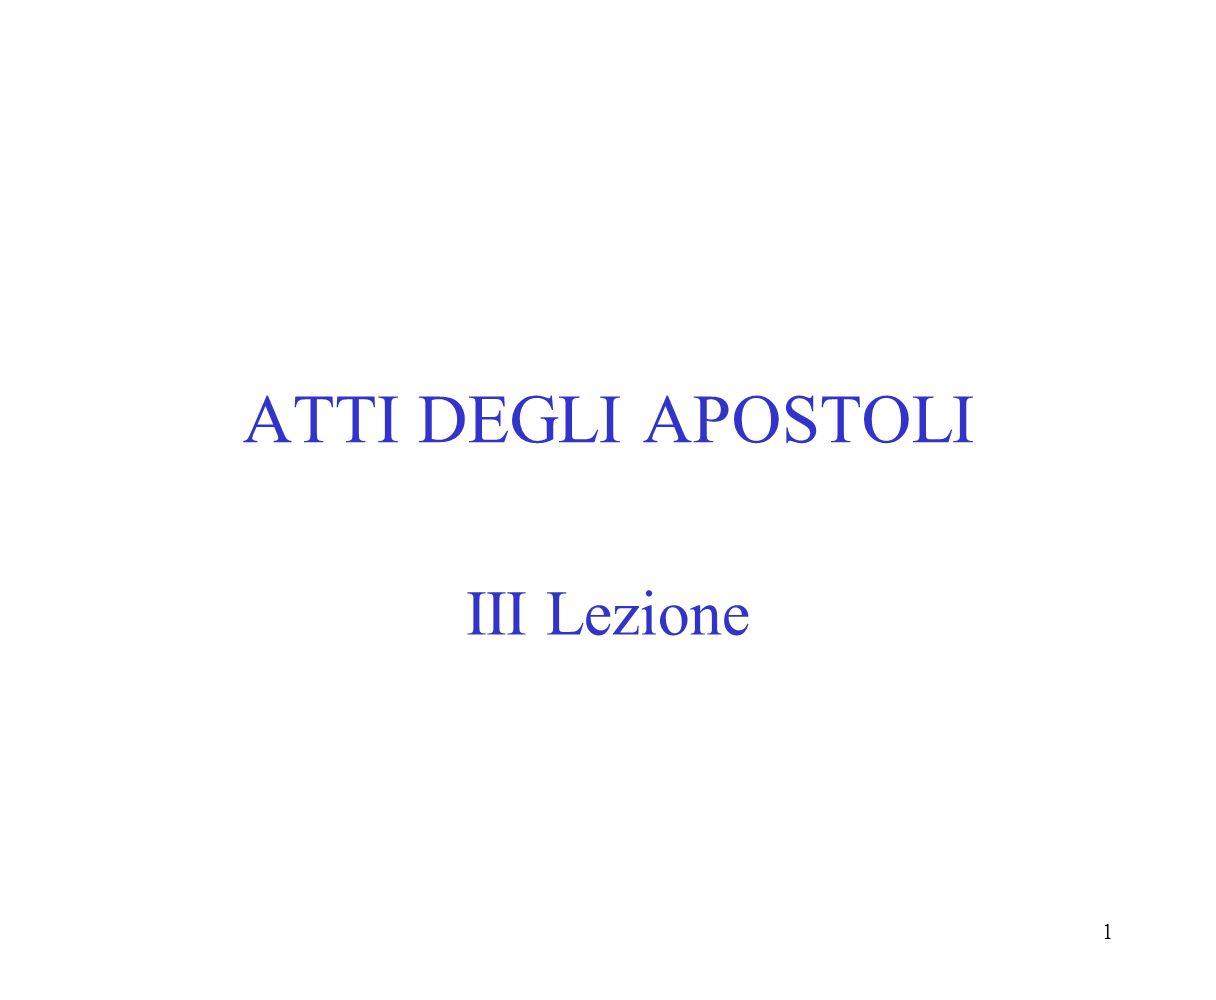 ATTI DEGLI APOSTOLI III Lezione